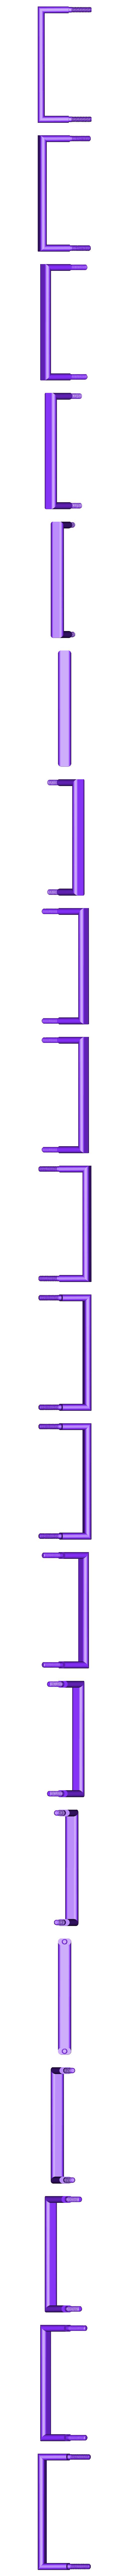 PG_V1.STL Télécharger fichier STL gratuit poignee • Design à imprimer en 3D, Thomy